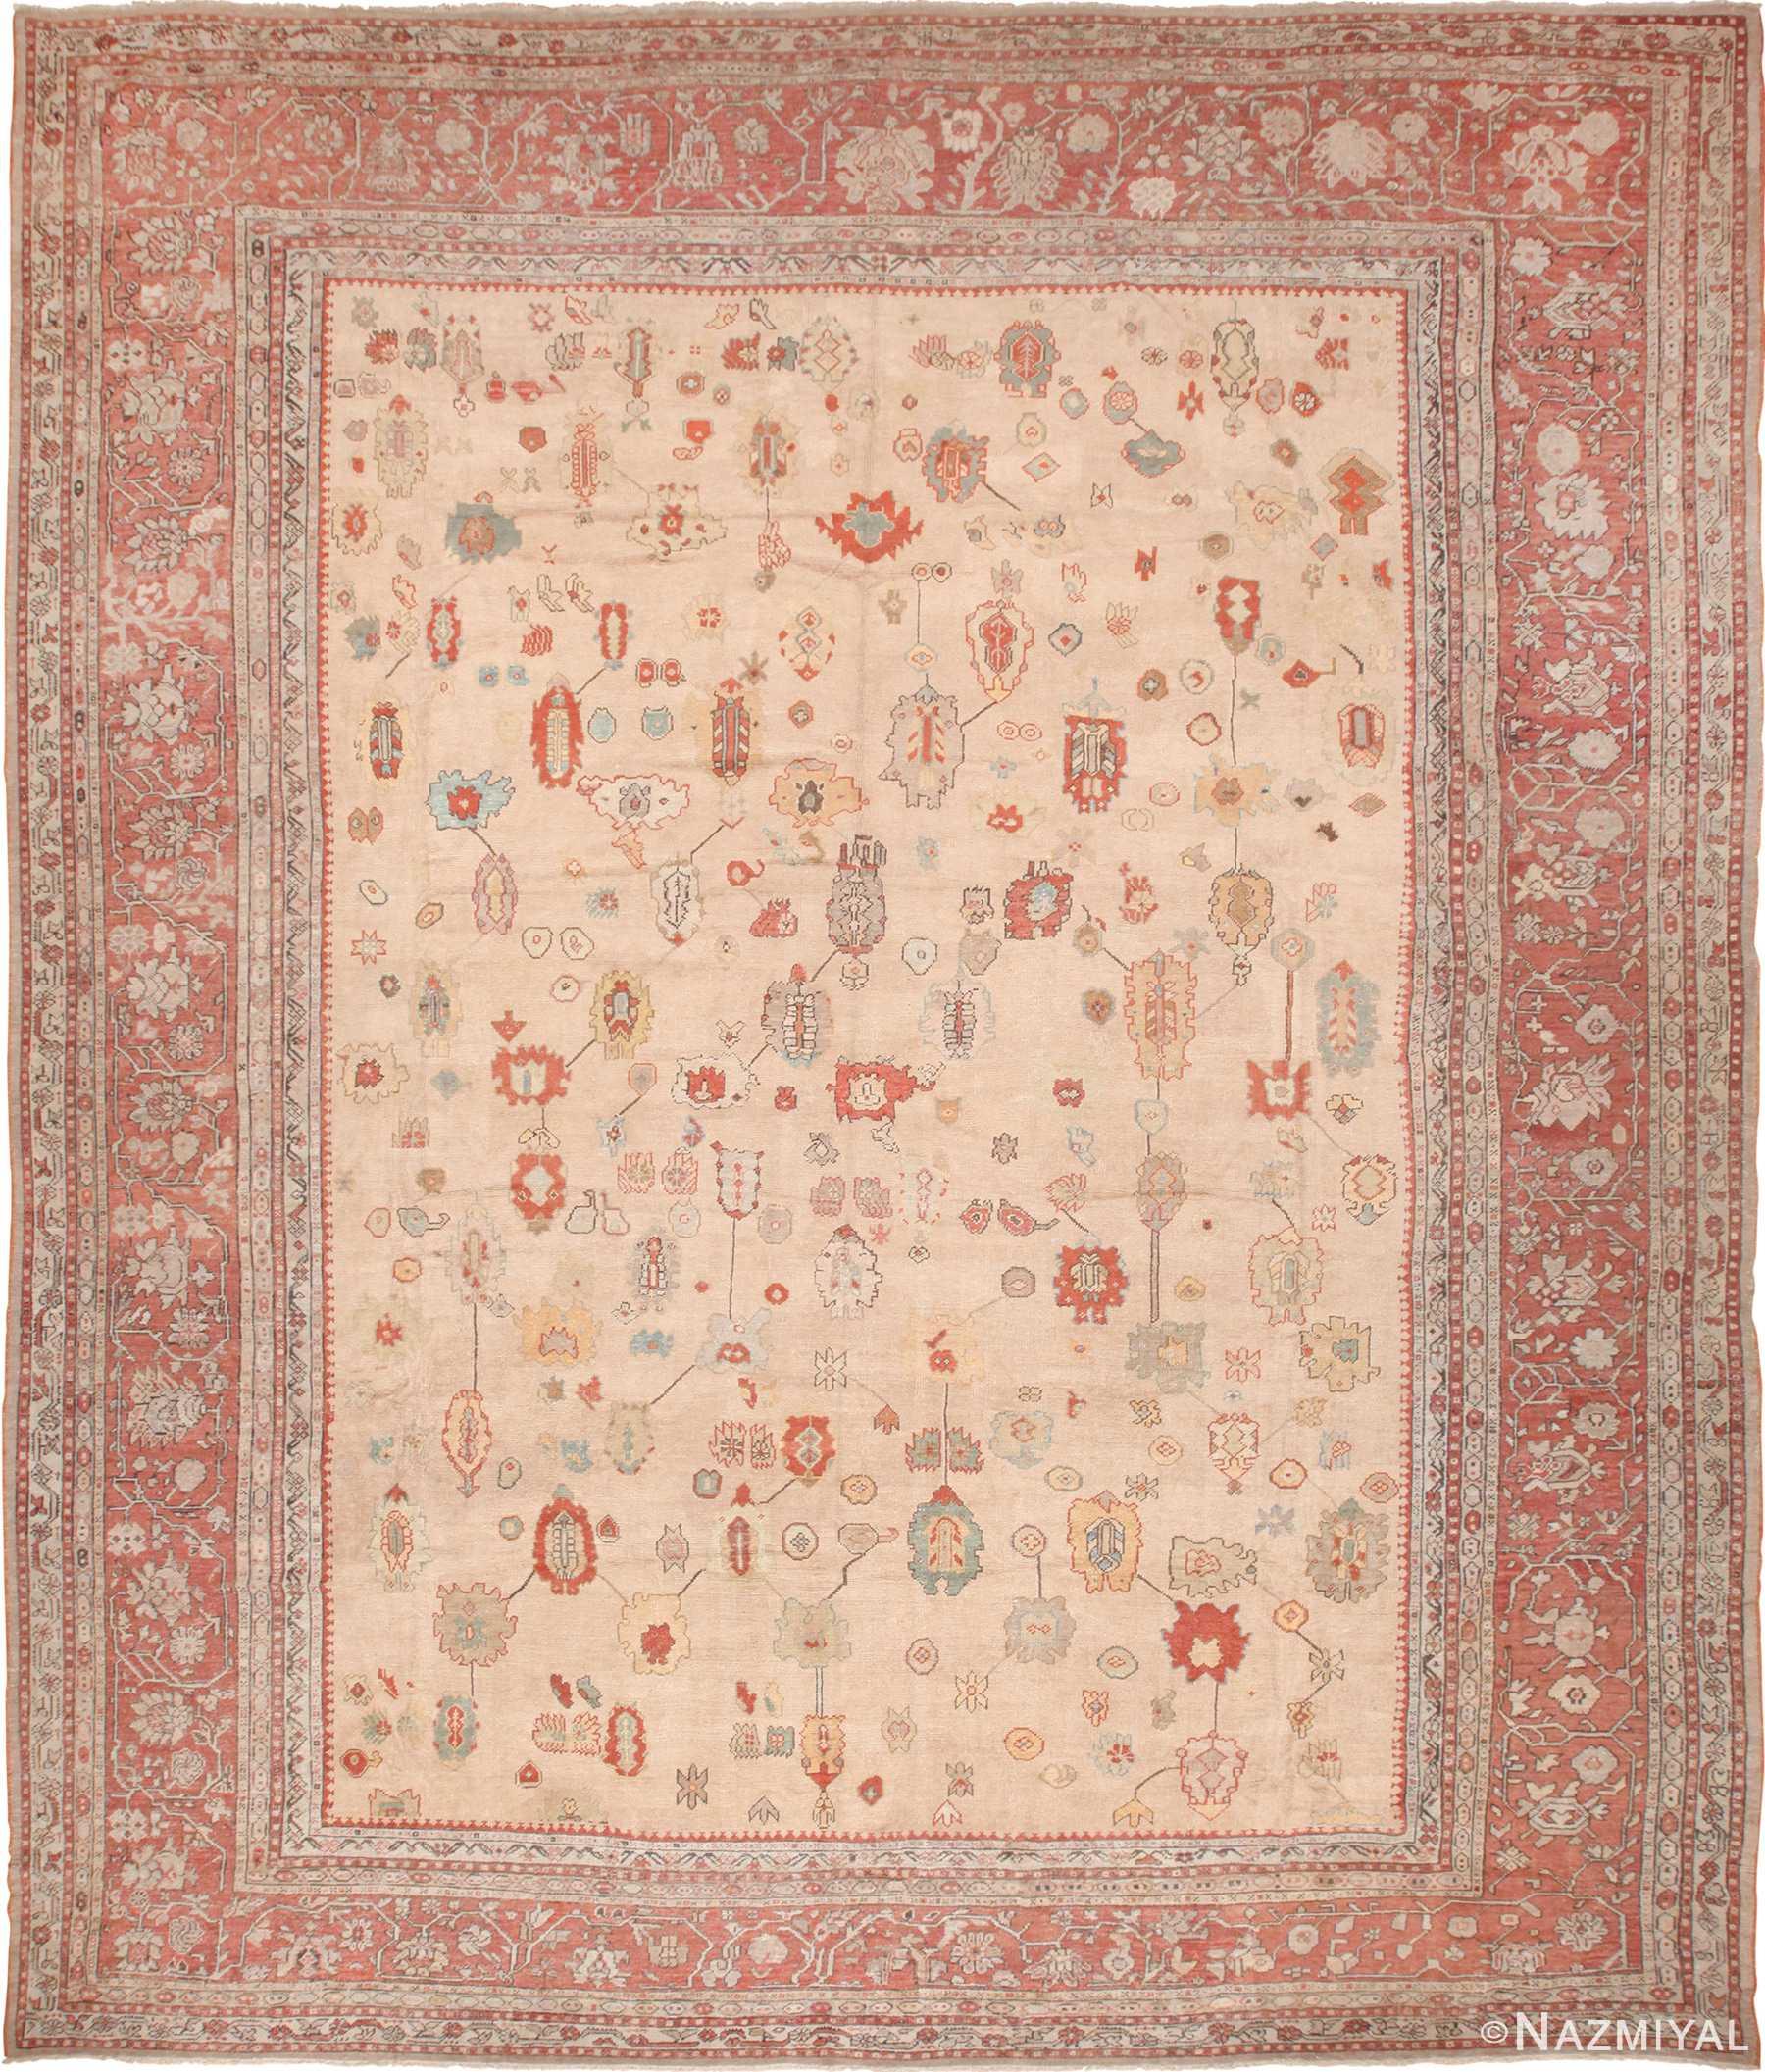 Large Ivory Background Tribal Antique Turkish Oushak Rug 49658 by Nazmiyal